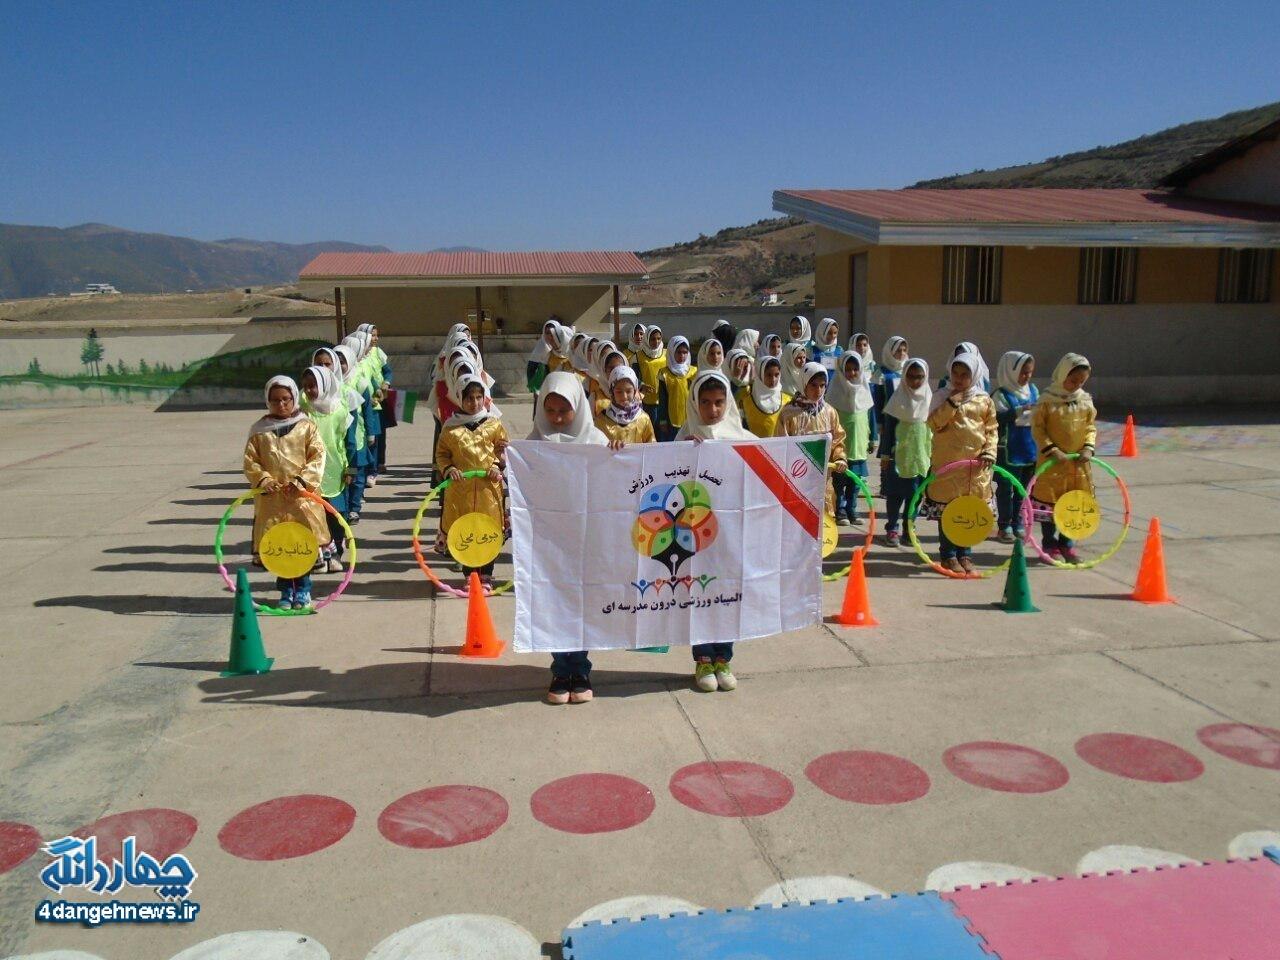 گزارش تصویری از افتتاح المپیاد ورزشی درون مدرسه ای منطقه چهاردانگه